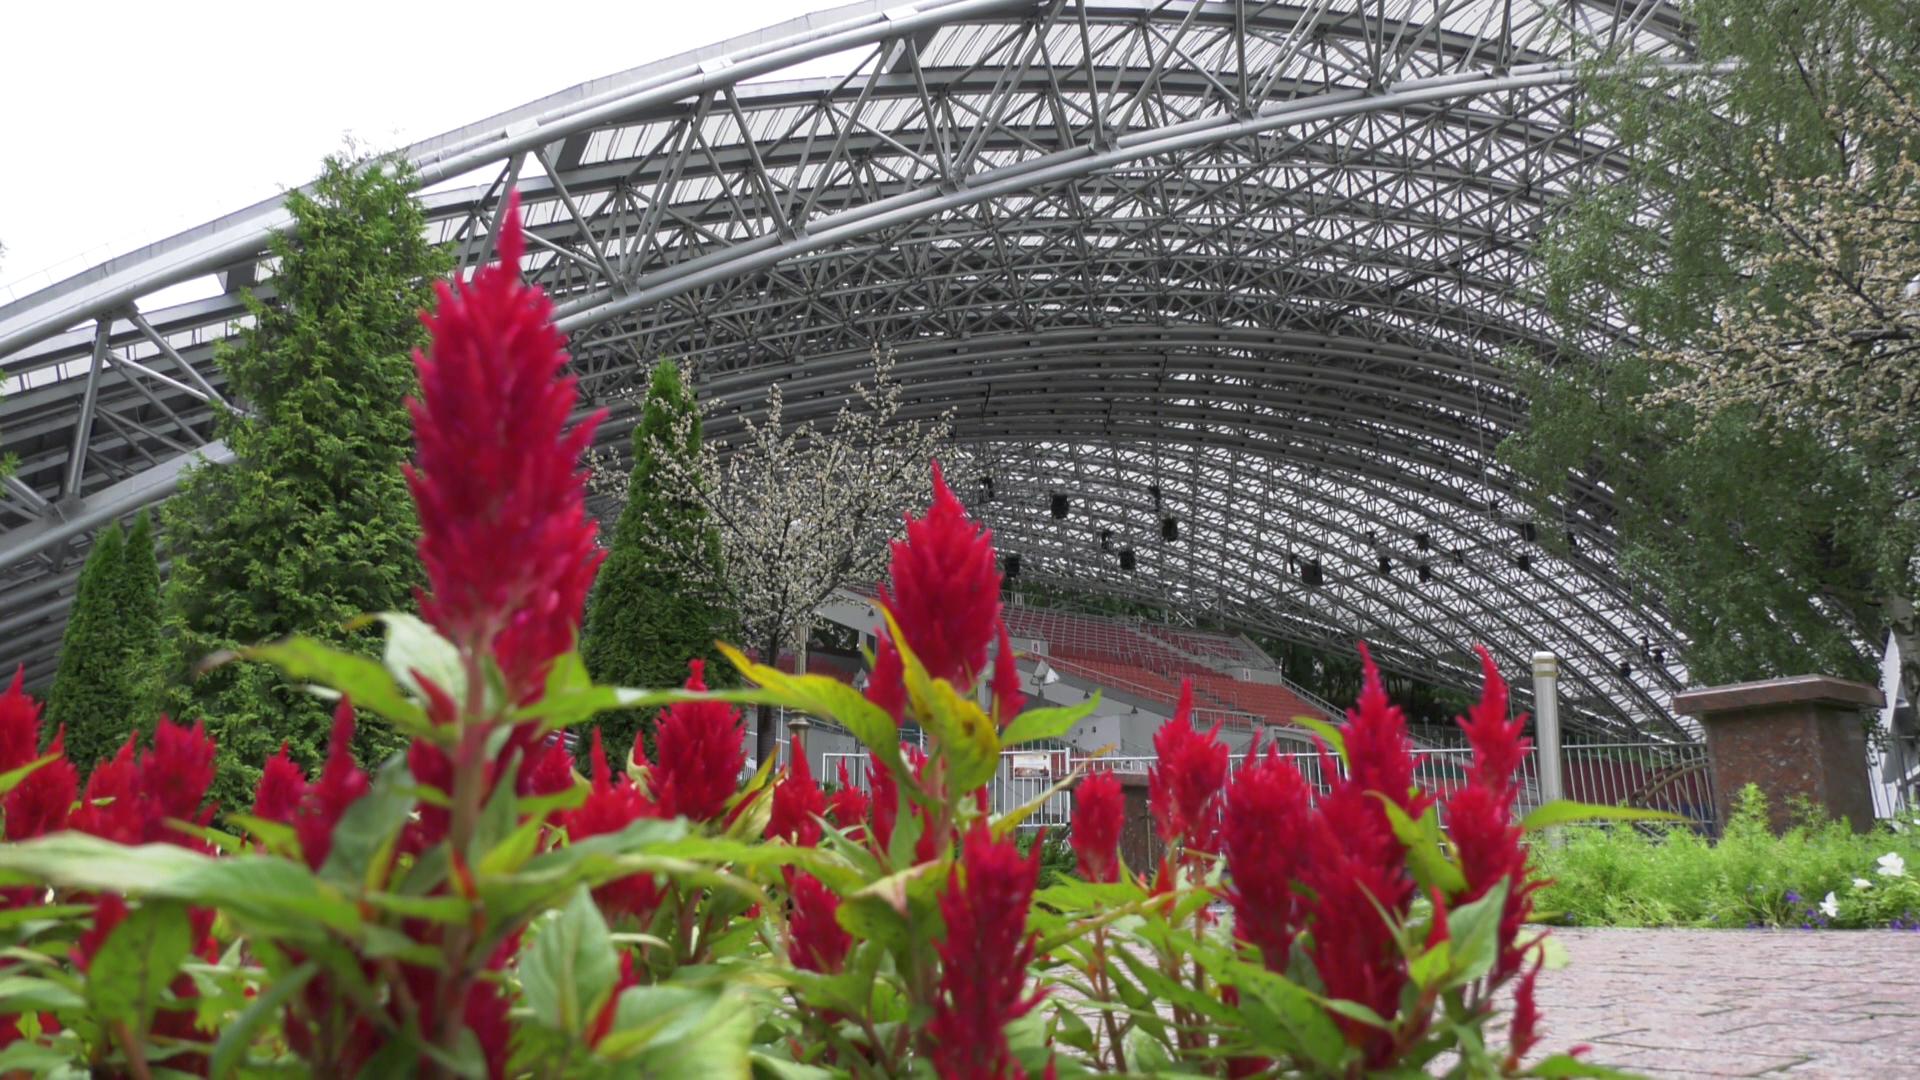 amfiteatr koncerty - «Славянский базар в Витебске» пройдёт без рок-концерта (видео)